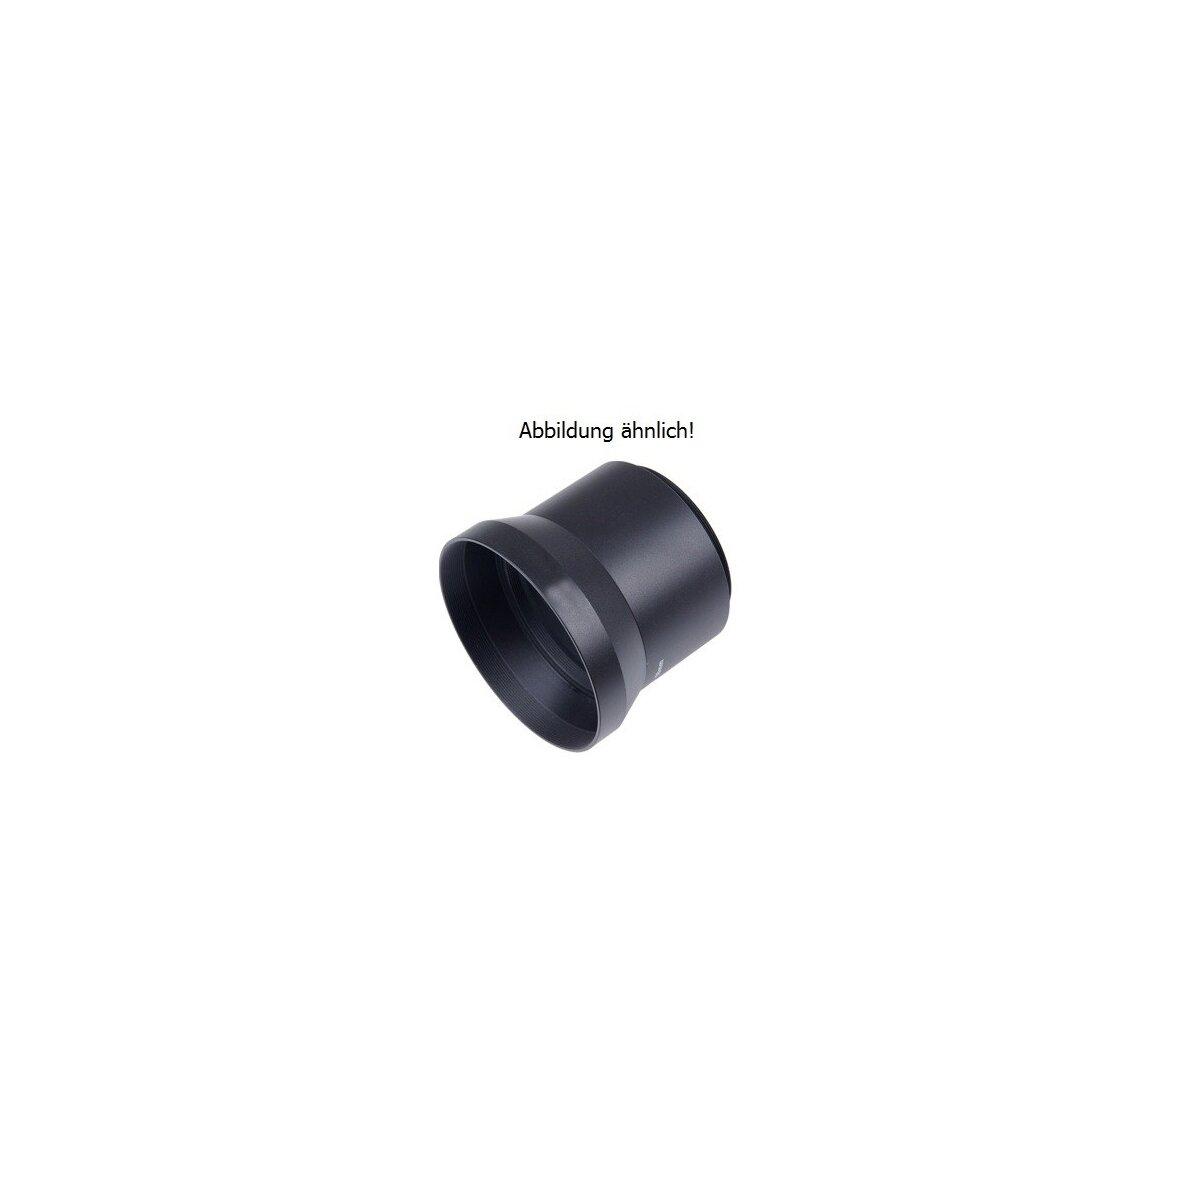 Adaptertubus fuer Nikon Coolpix 5700 und 8700 mit 52mm